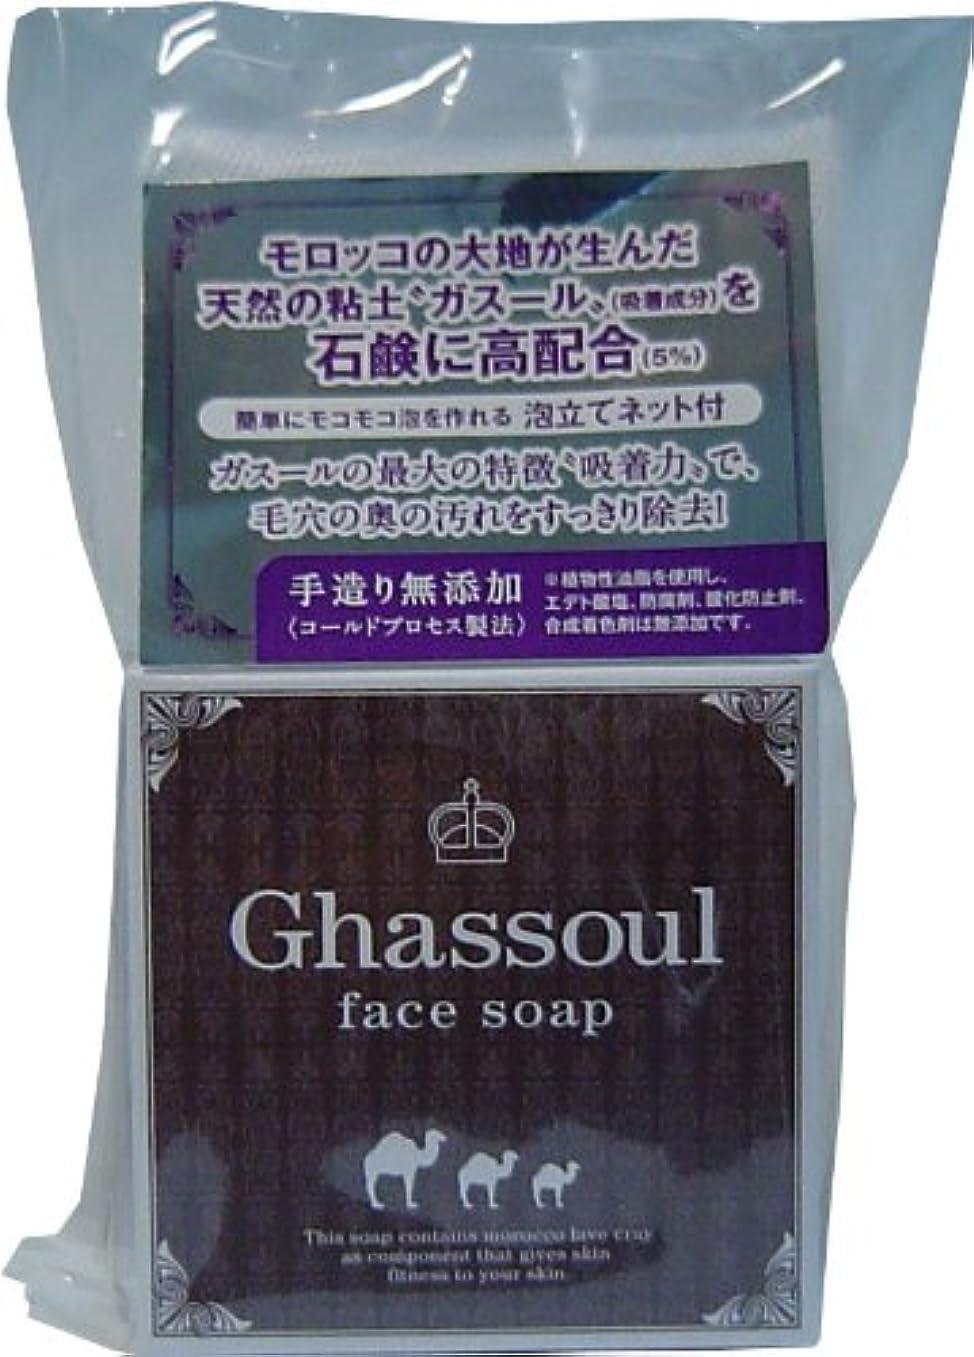 見つける内部部族Ghassoul face soap ガスールフェイスソープ 100g ×3個セット